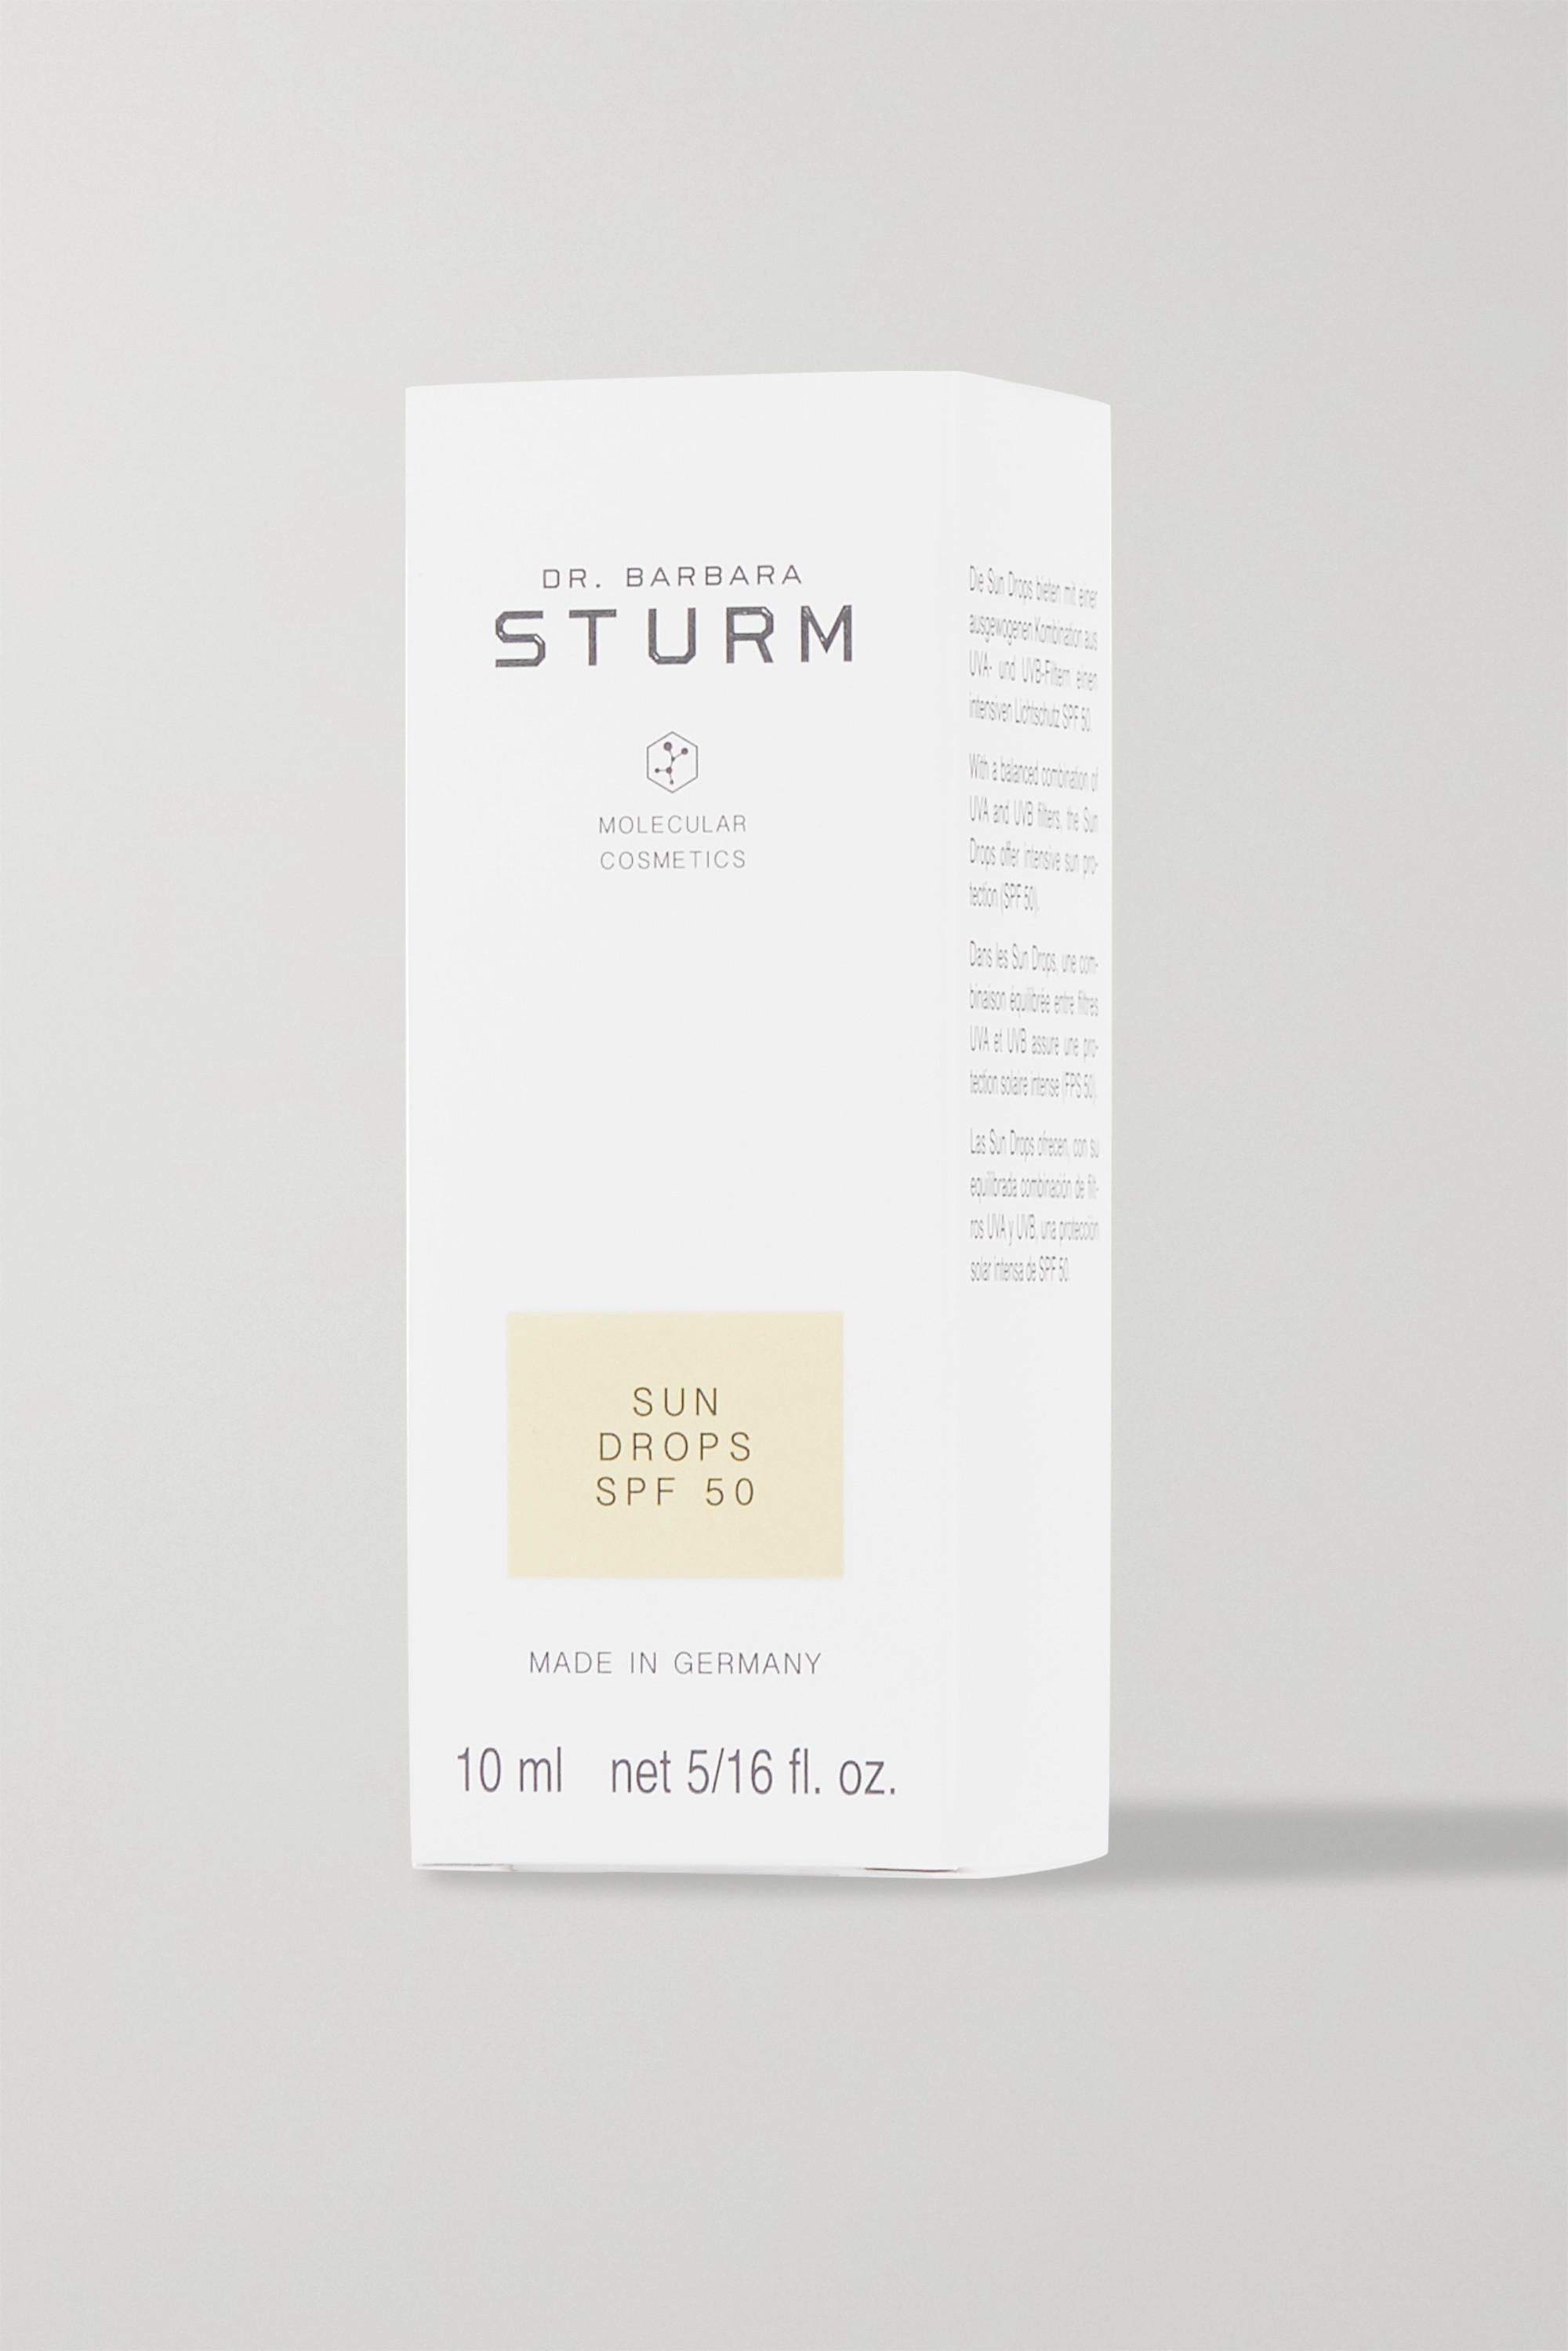 Dr. Barbara Sturm Mini Sun Drops SPF50, 10ml